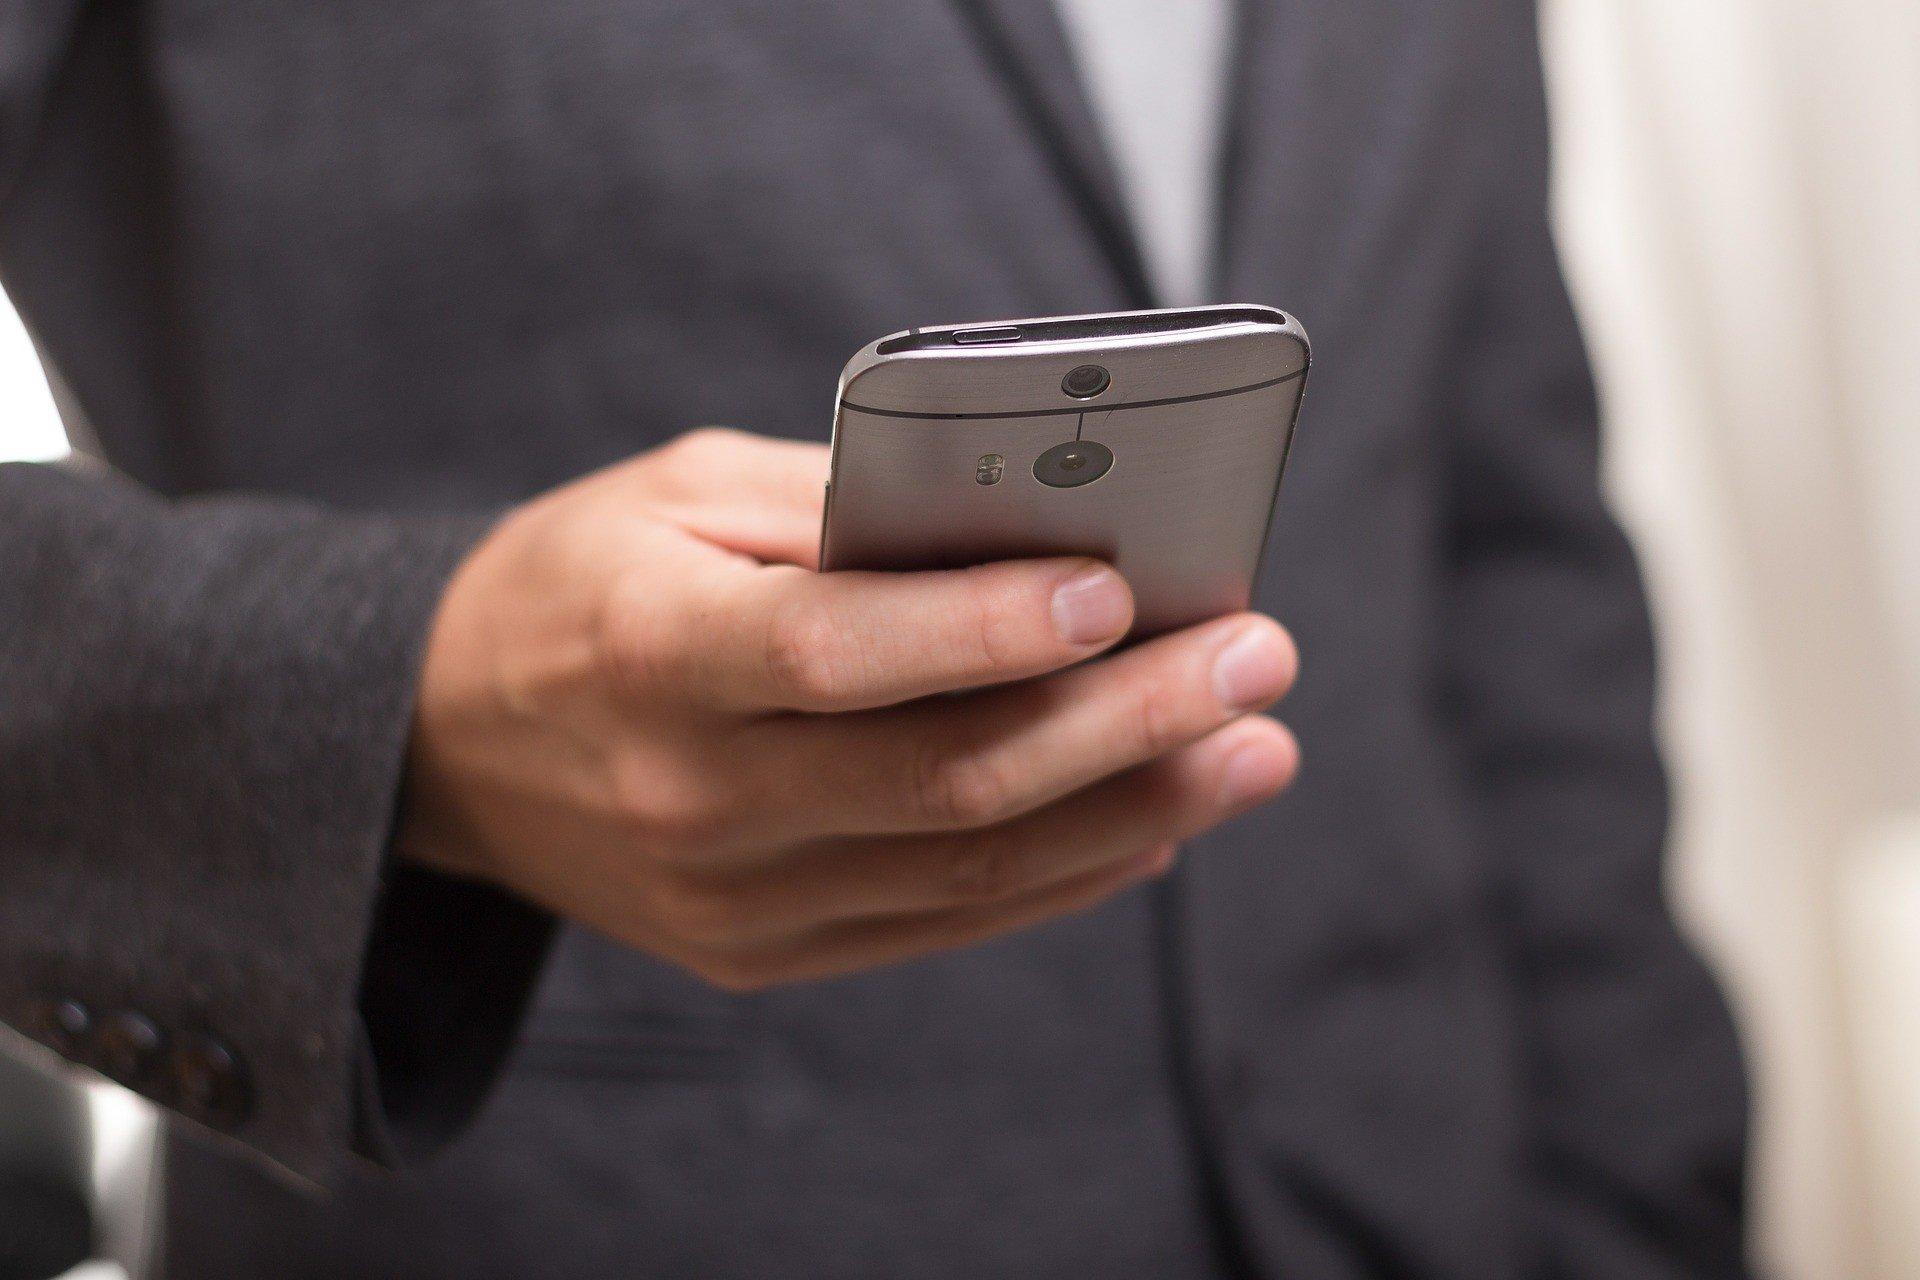 COVID-19: Запущено первое мобильное приложение